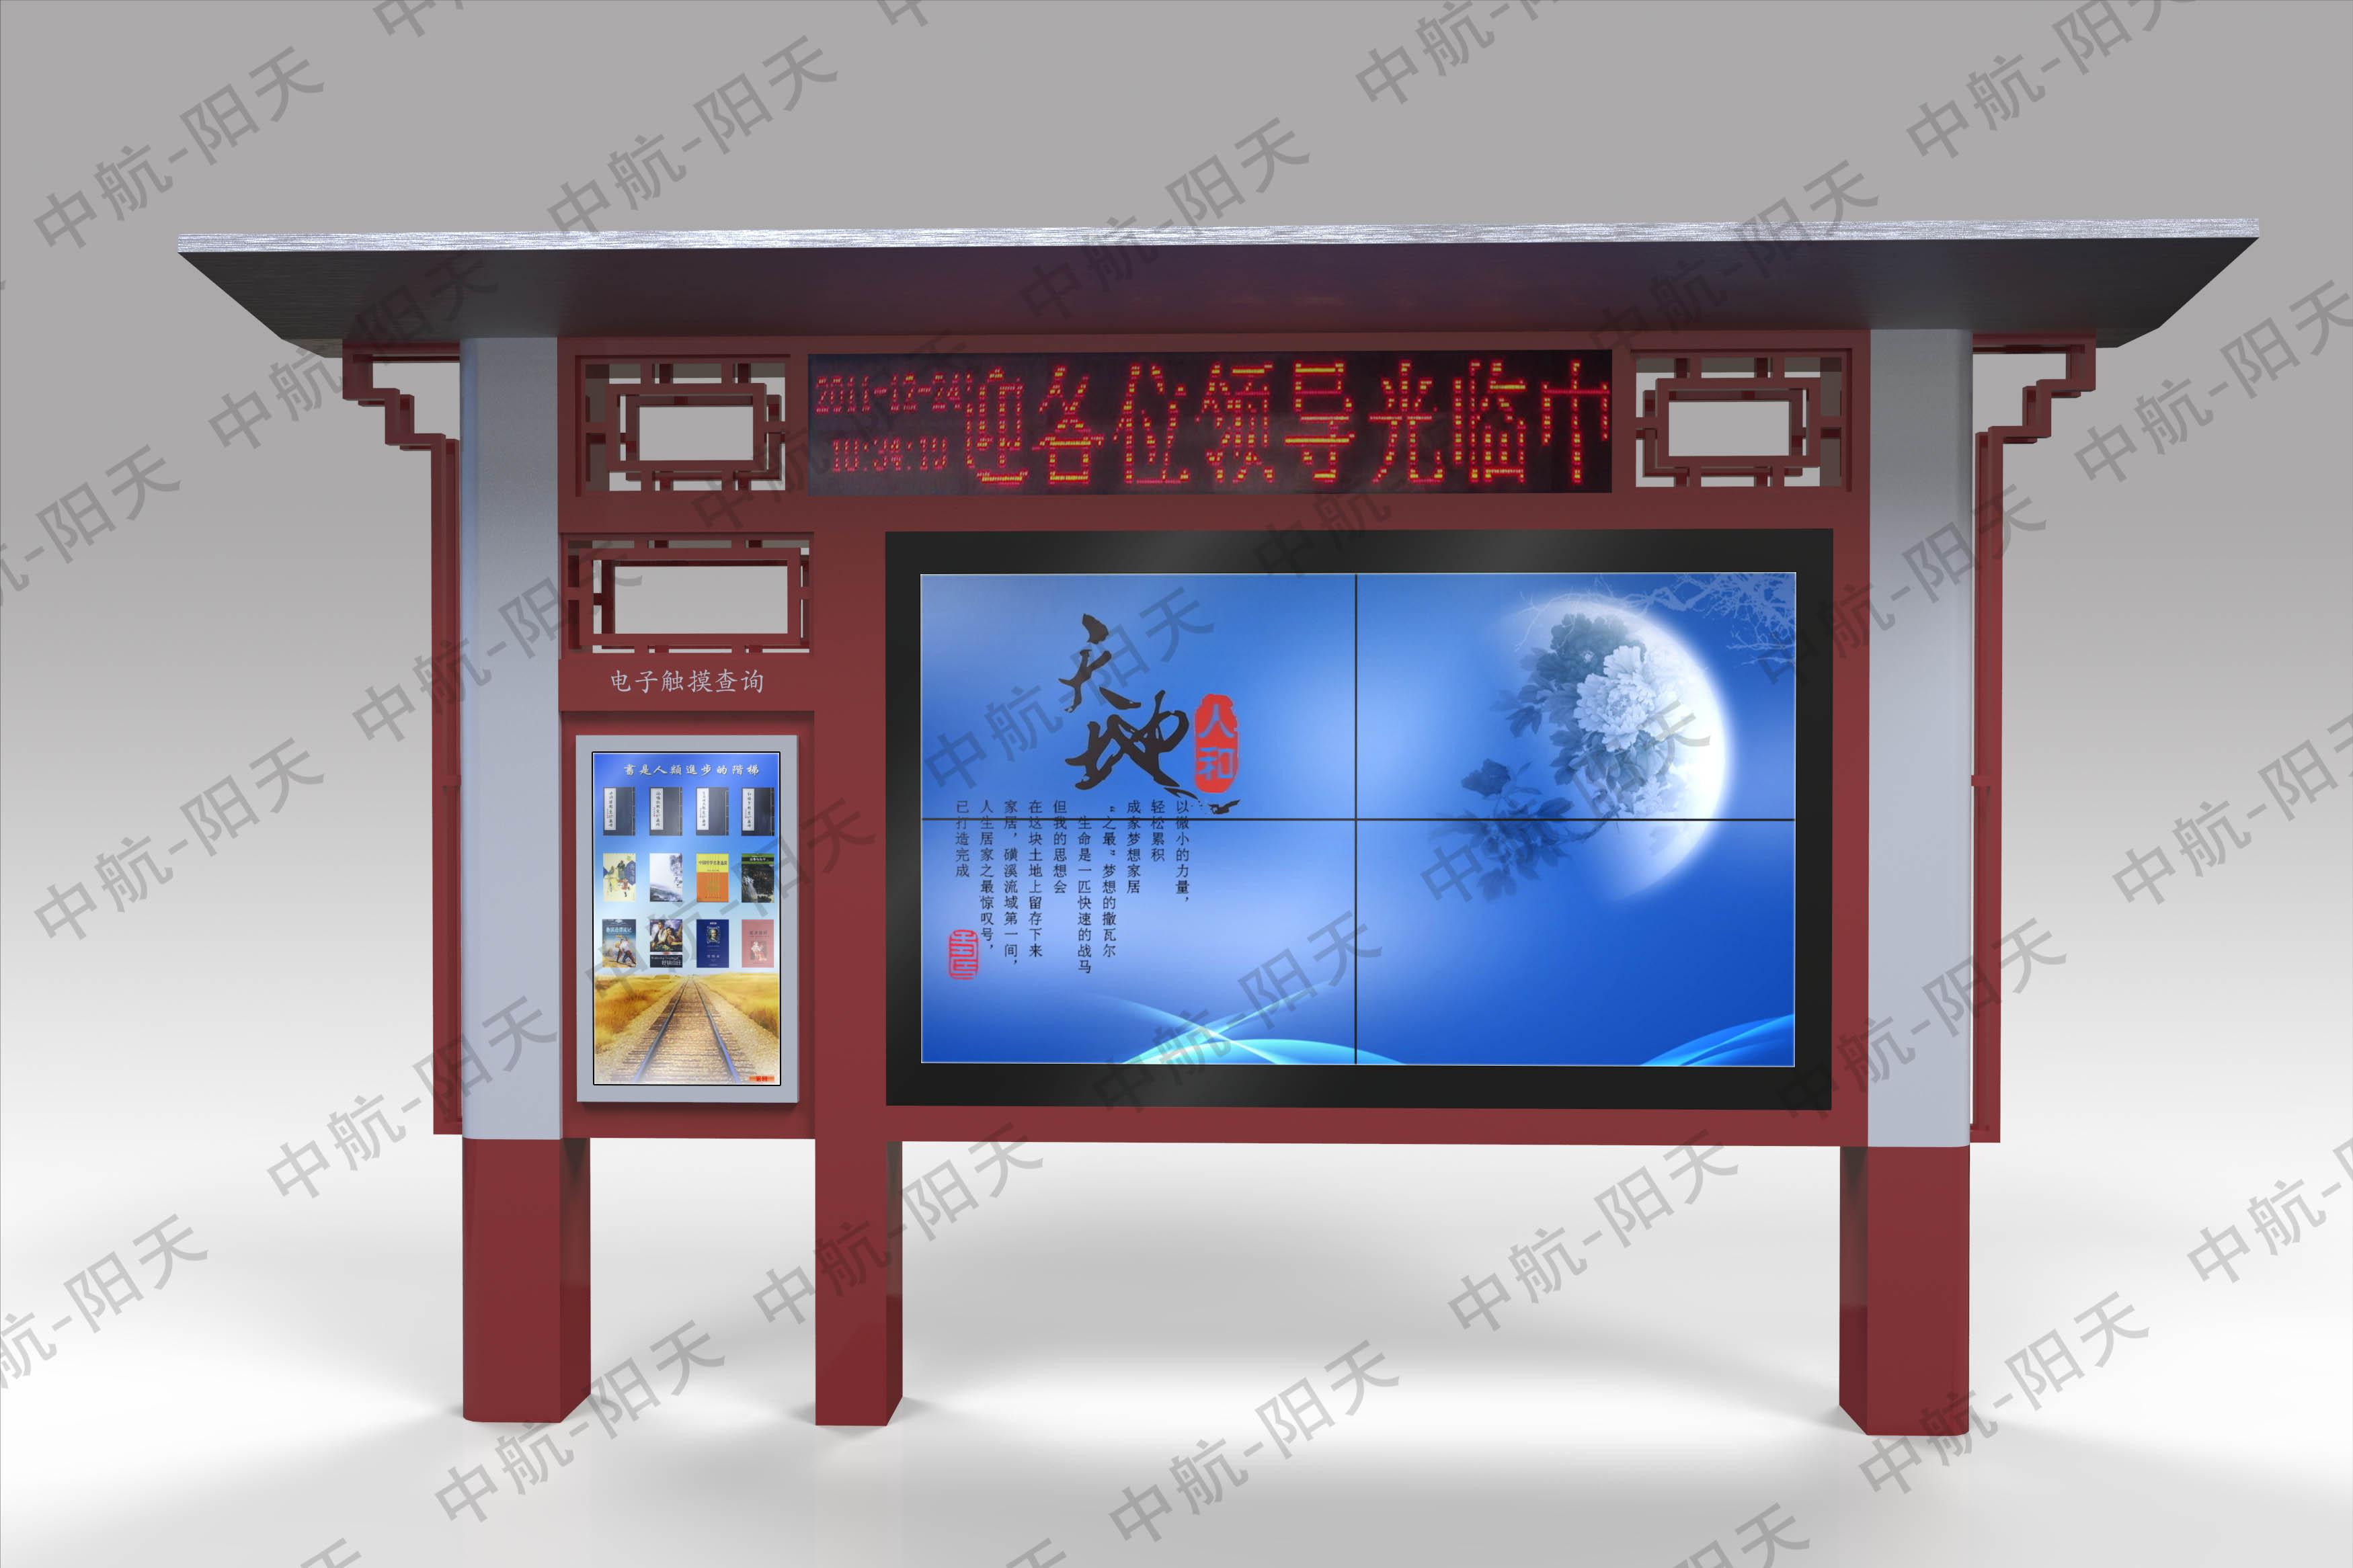 49-inch waterproof outdoor LCD totem kiosk, digital signage advertising display